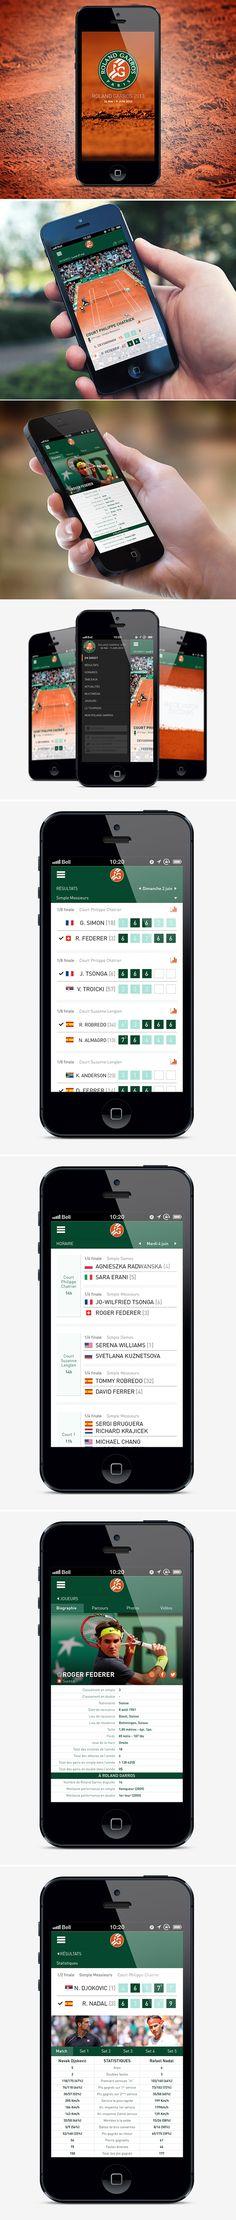 Roland Garros mobile app revamp on Behance